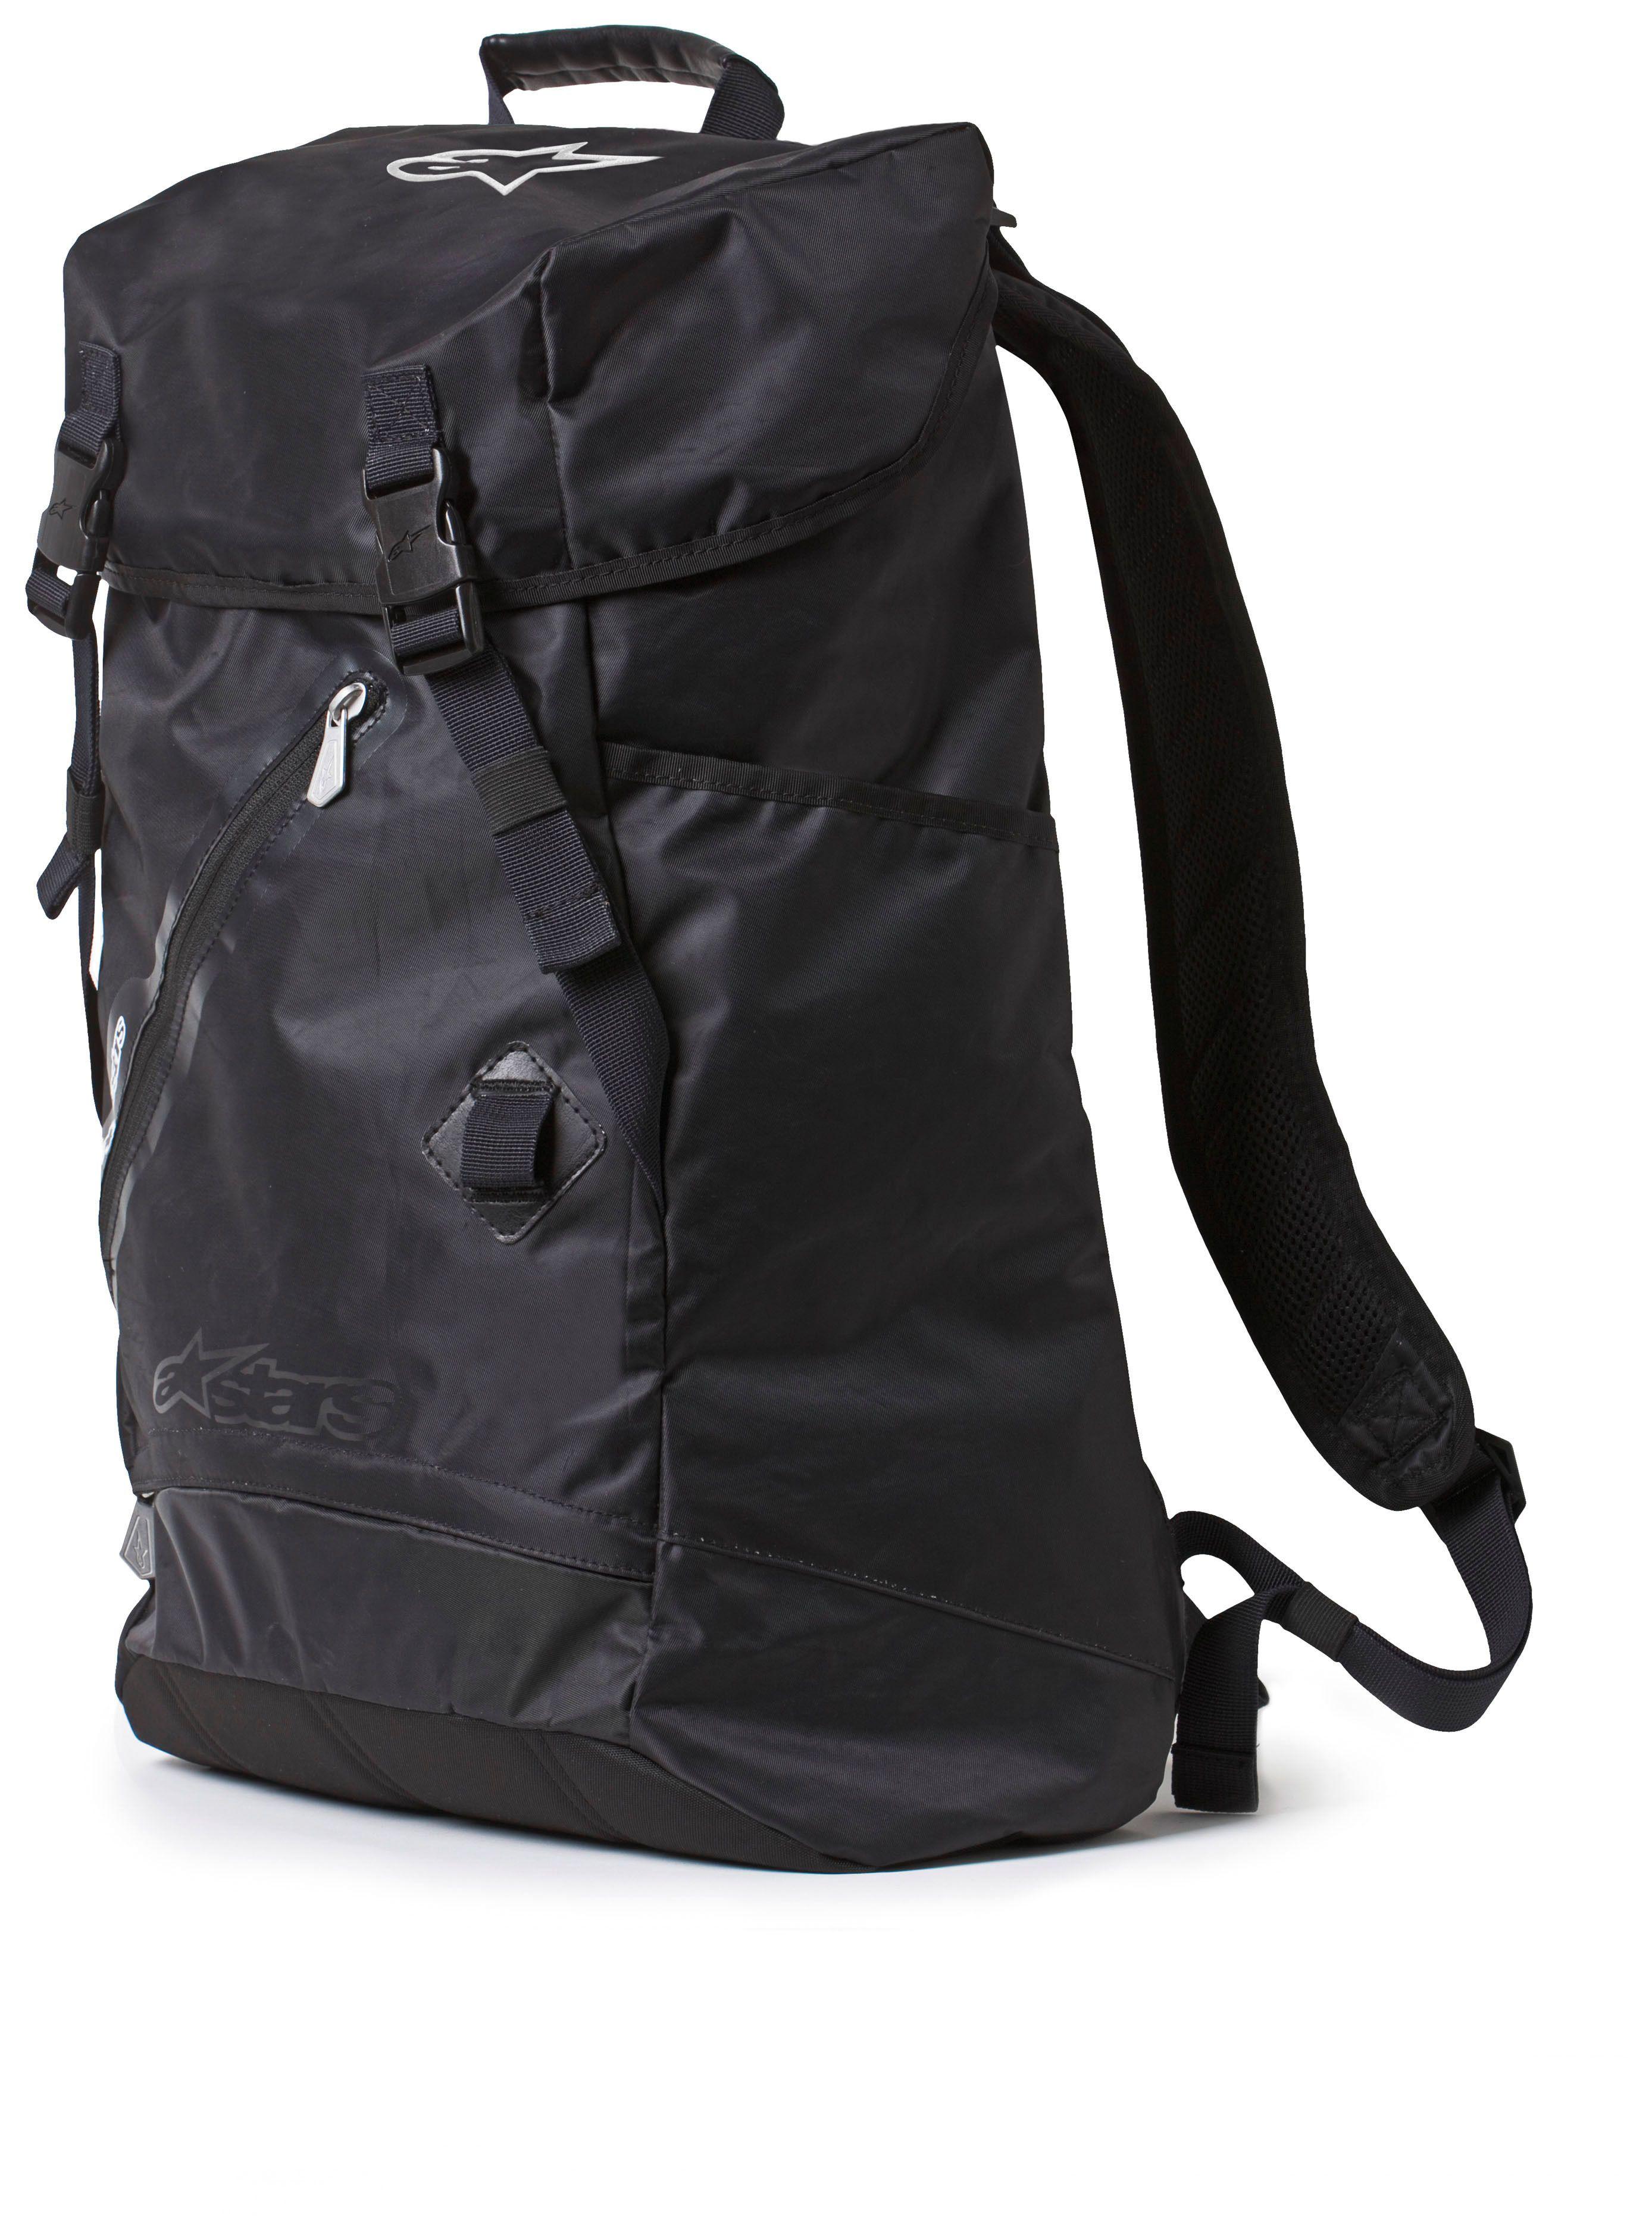 Alpinestars Tracker Backpack - RevZilla